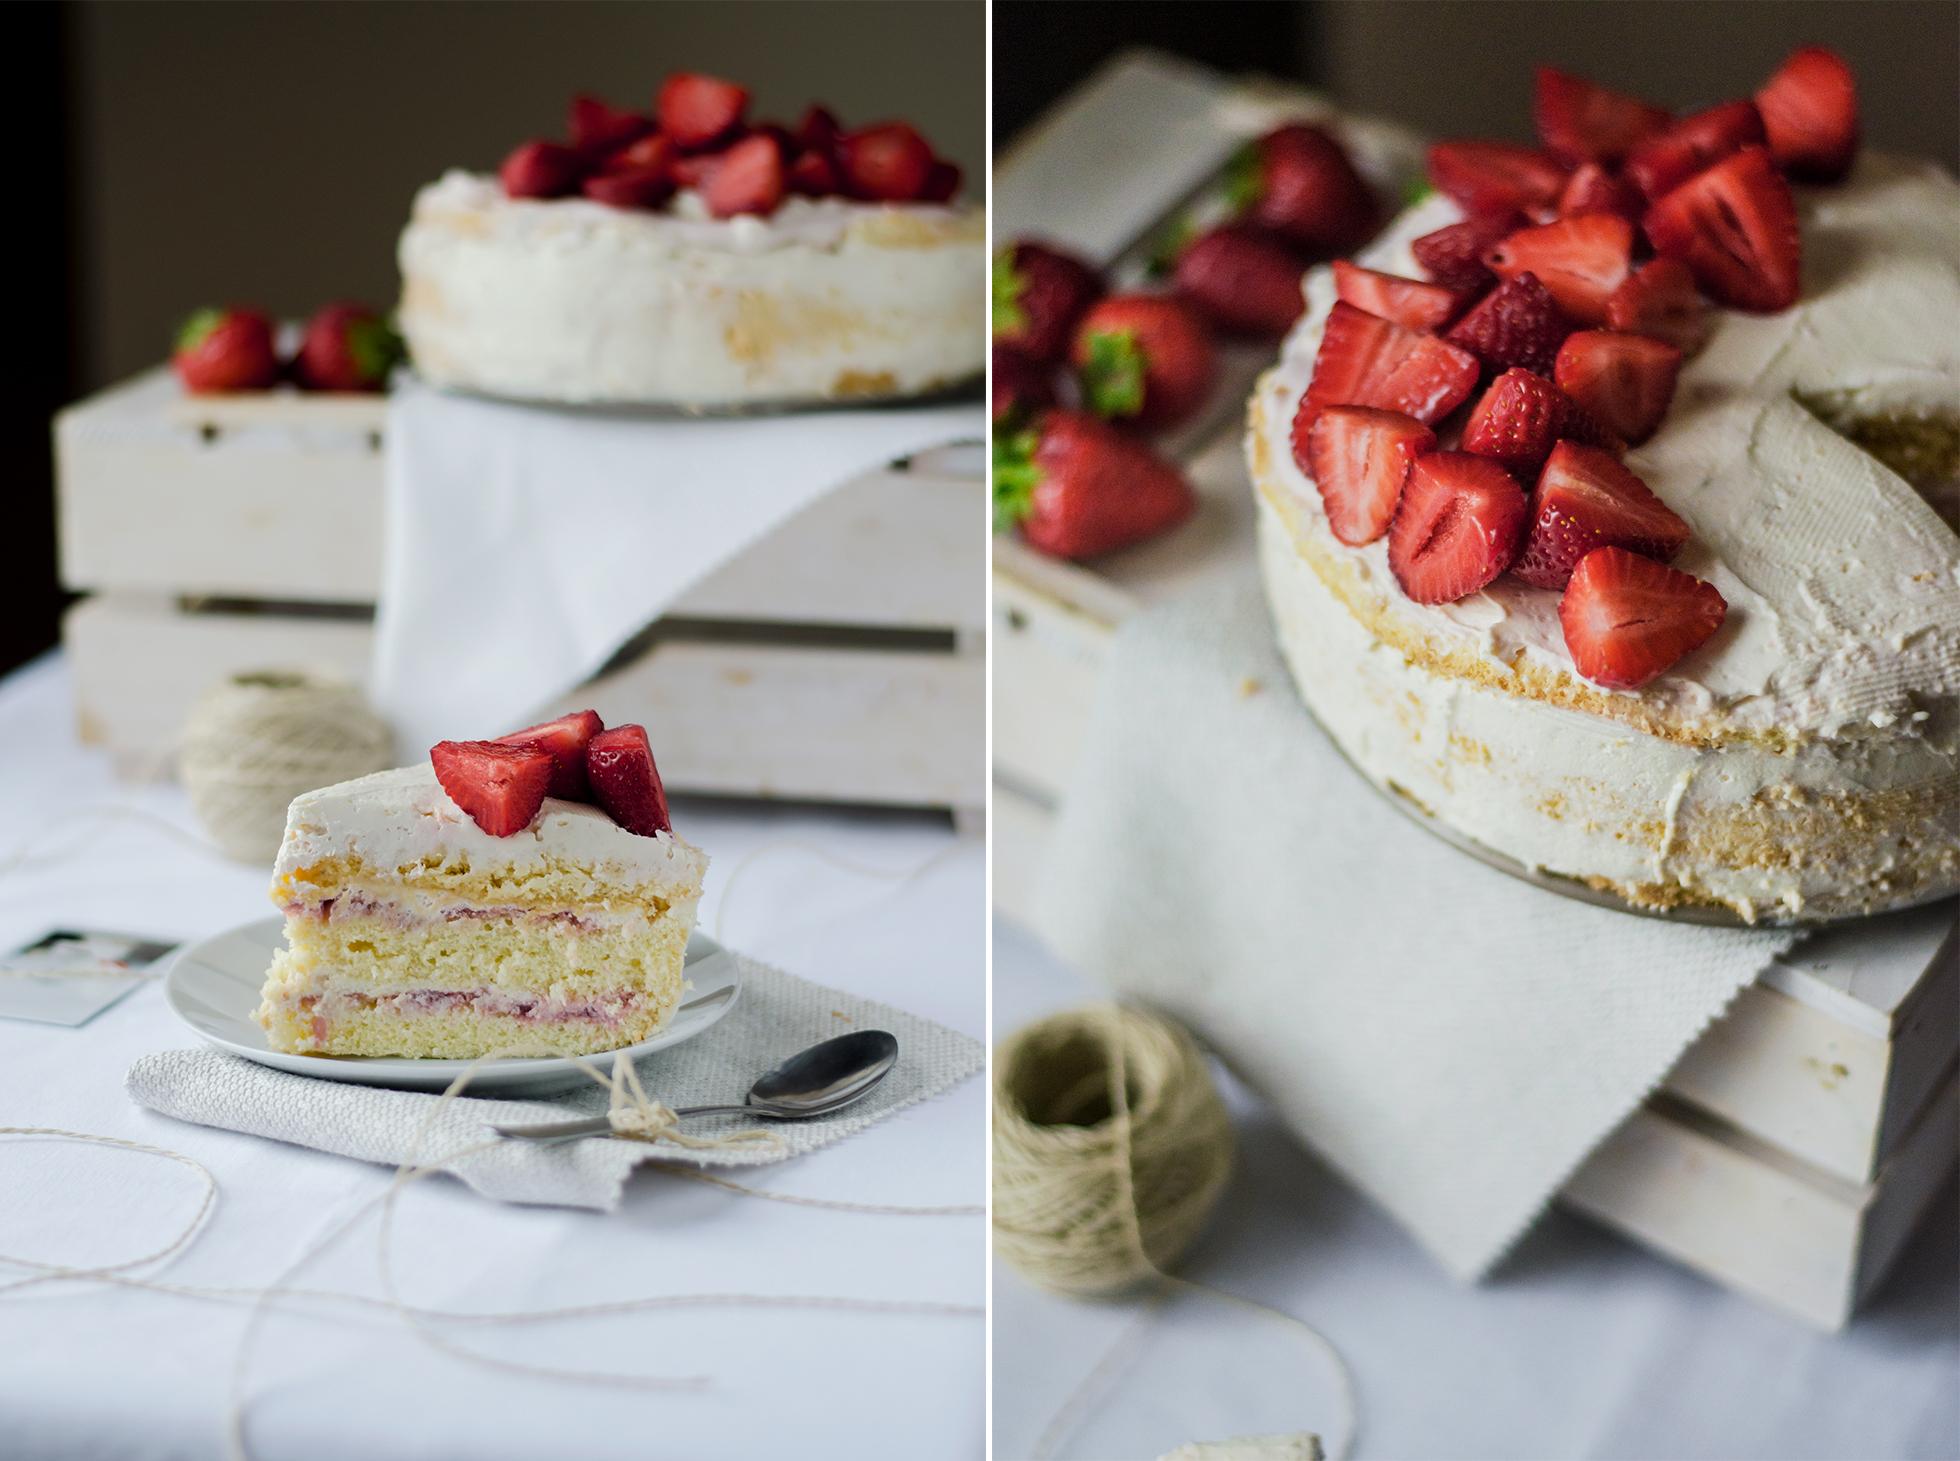 jak zrobić tort z truskawkami prosty przepis